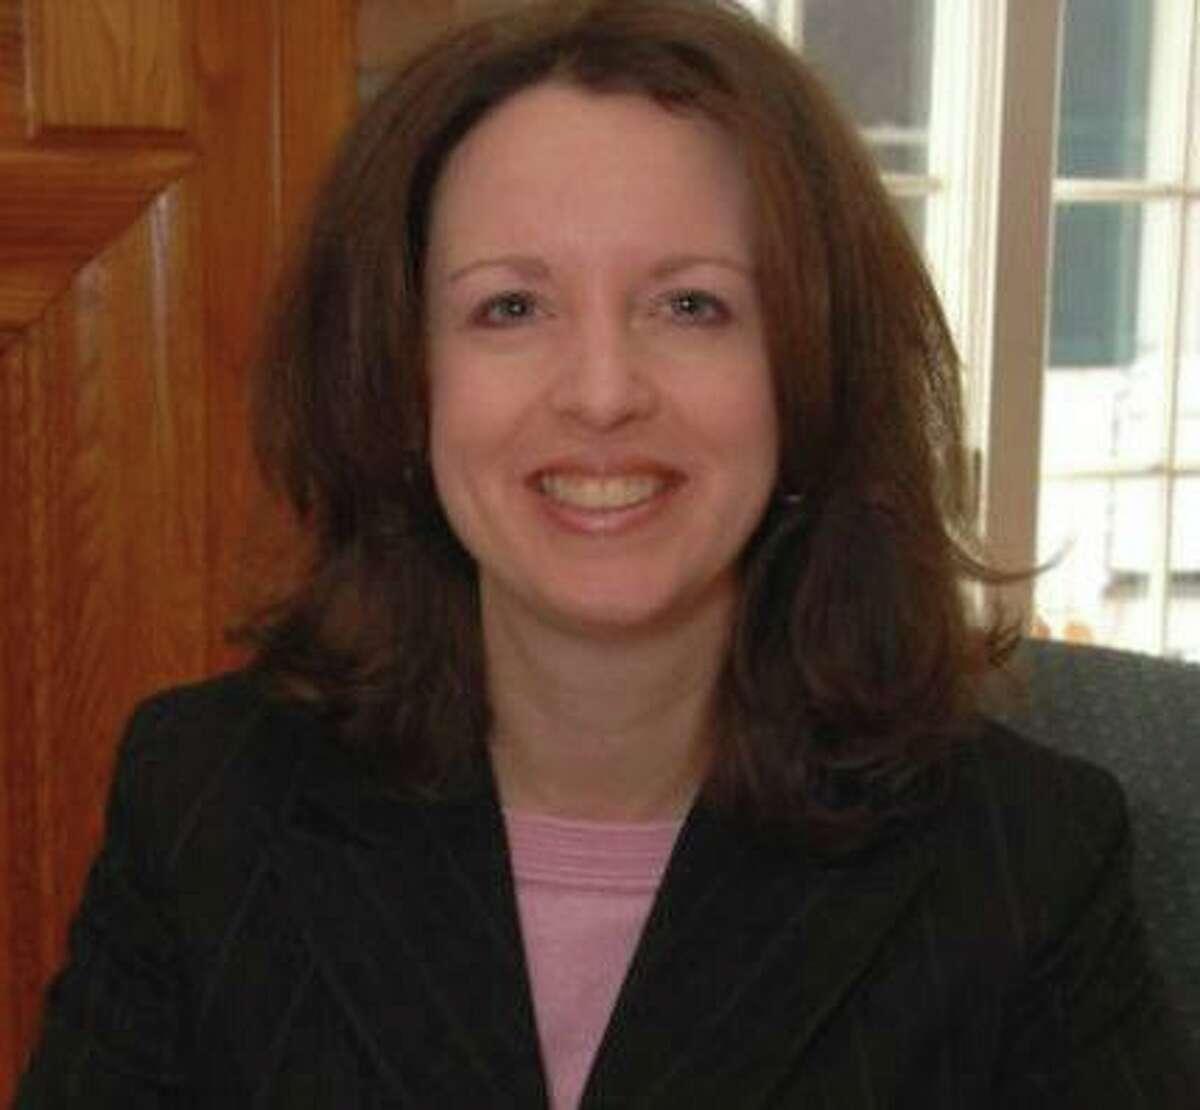 Michelle Laubin